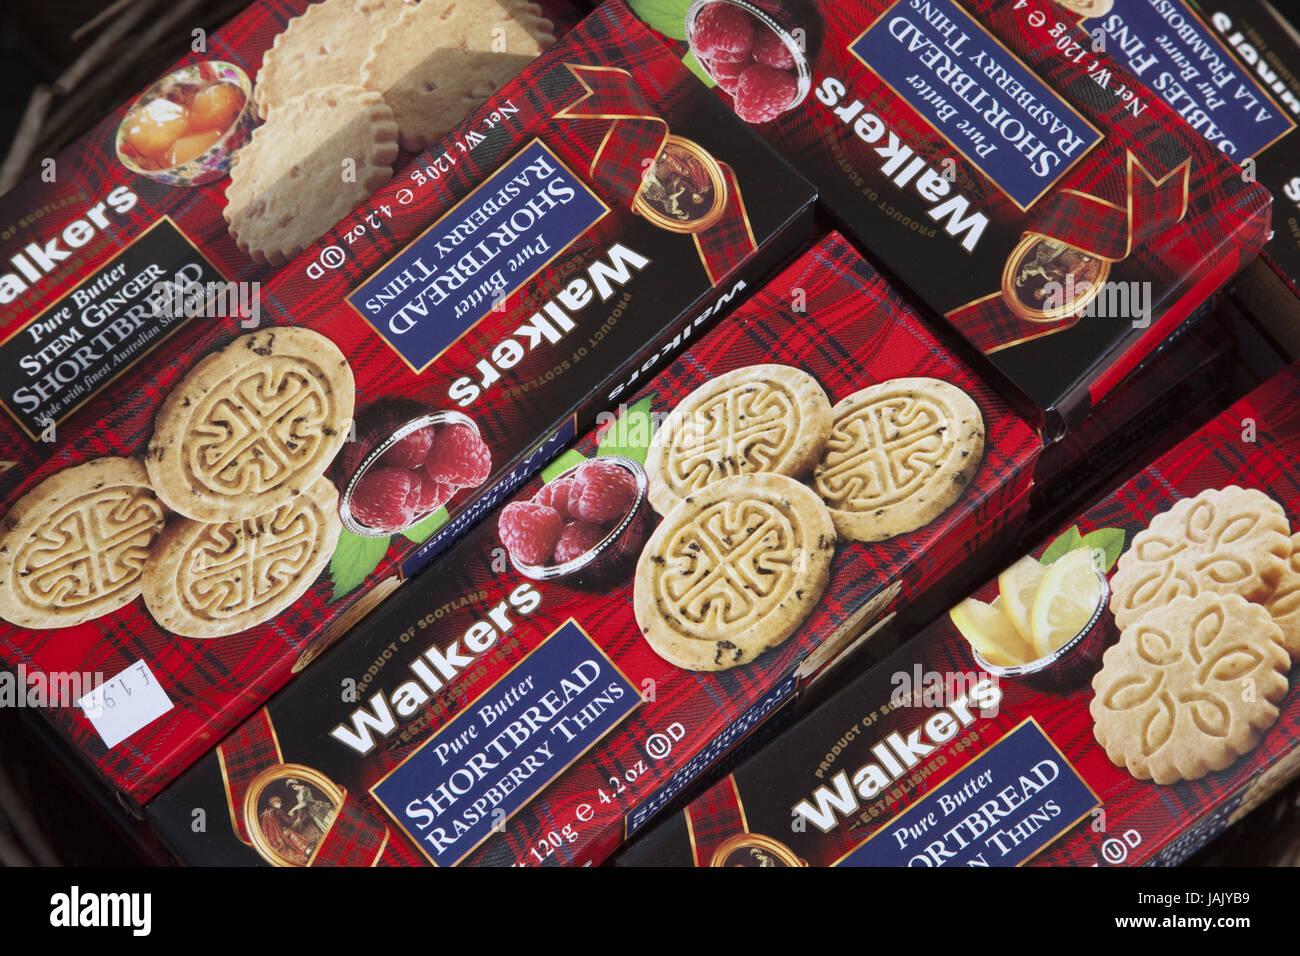 Schottland, Edinburgh, die royal Mile, Geschäft, Vertrieb, Kekse, traditionell, Stockbild